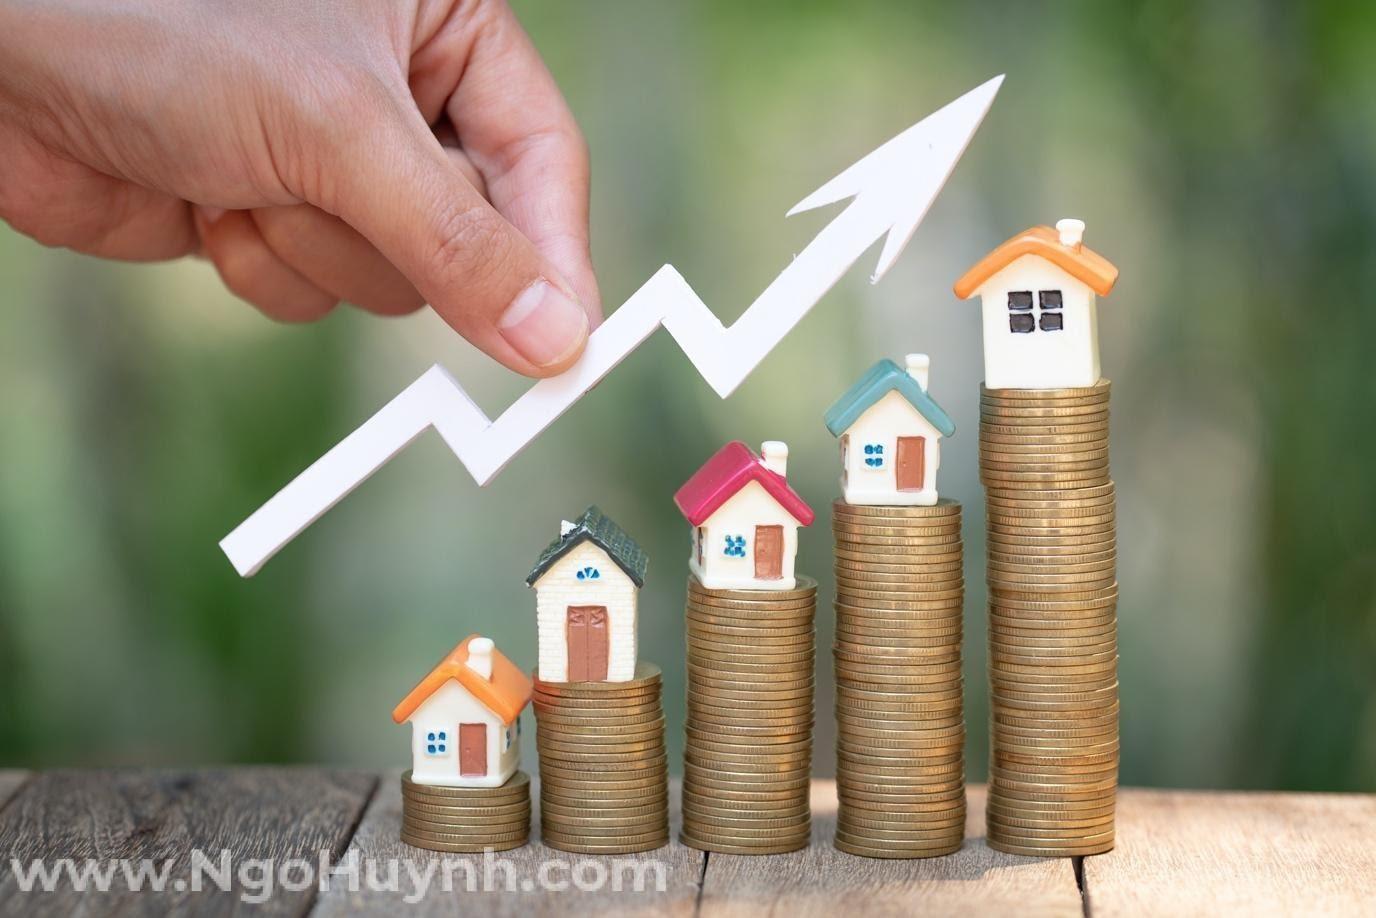 Growing House – Xu thế xây dựng nhà ở triển khai nhiều giai đoạn